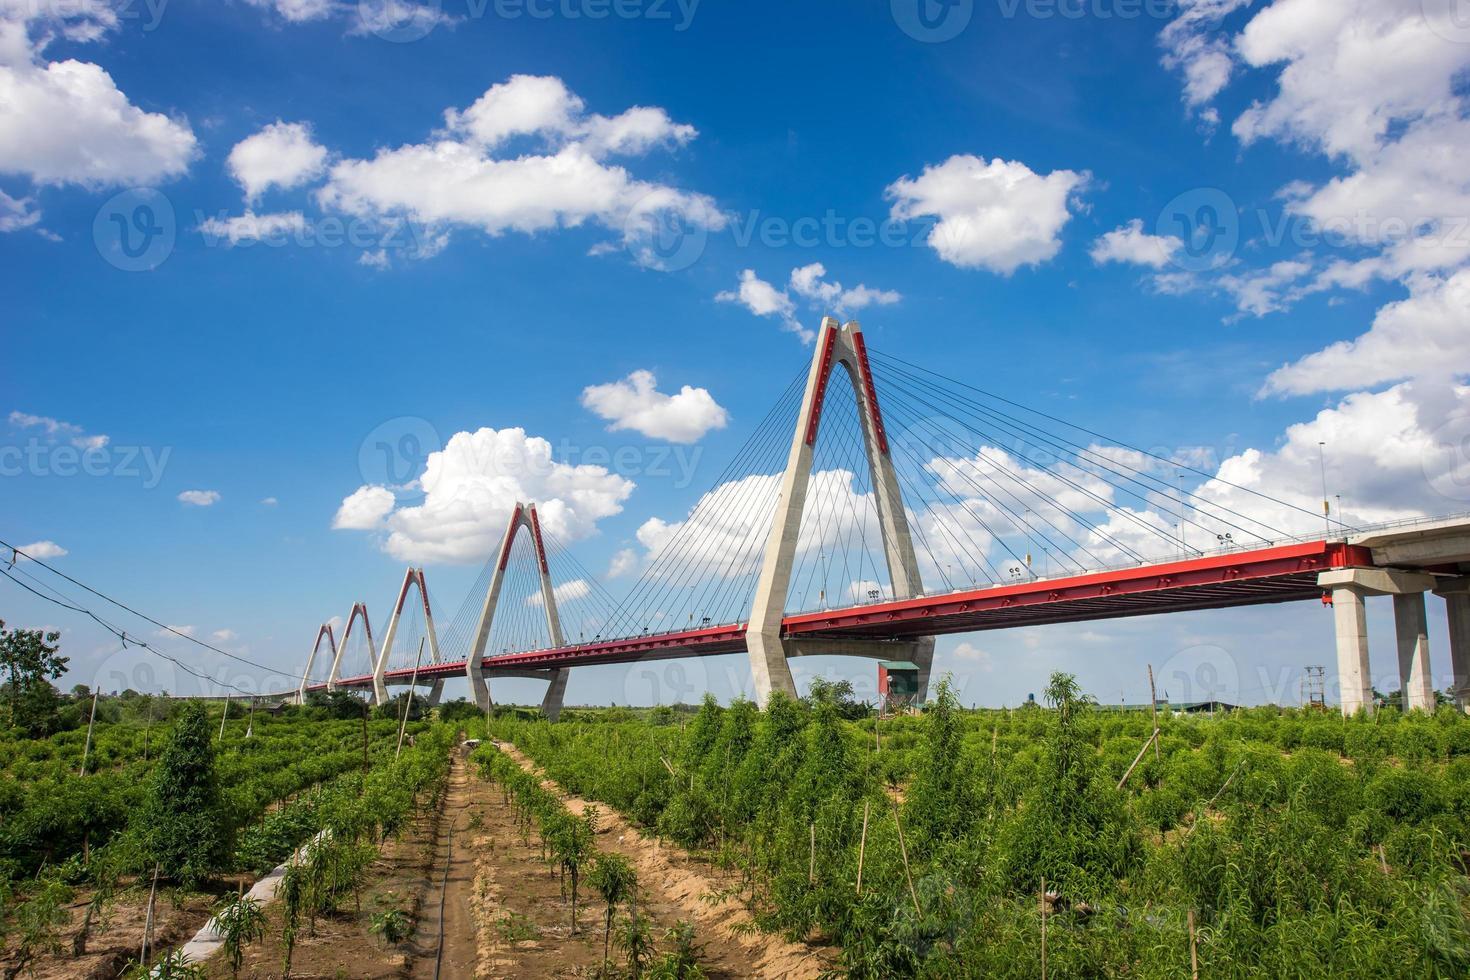 Nhat tan bridge dans une journée ensoleillée avec nuageux photo